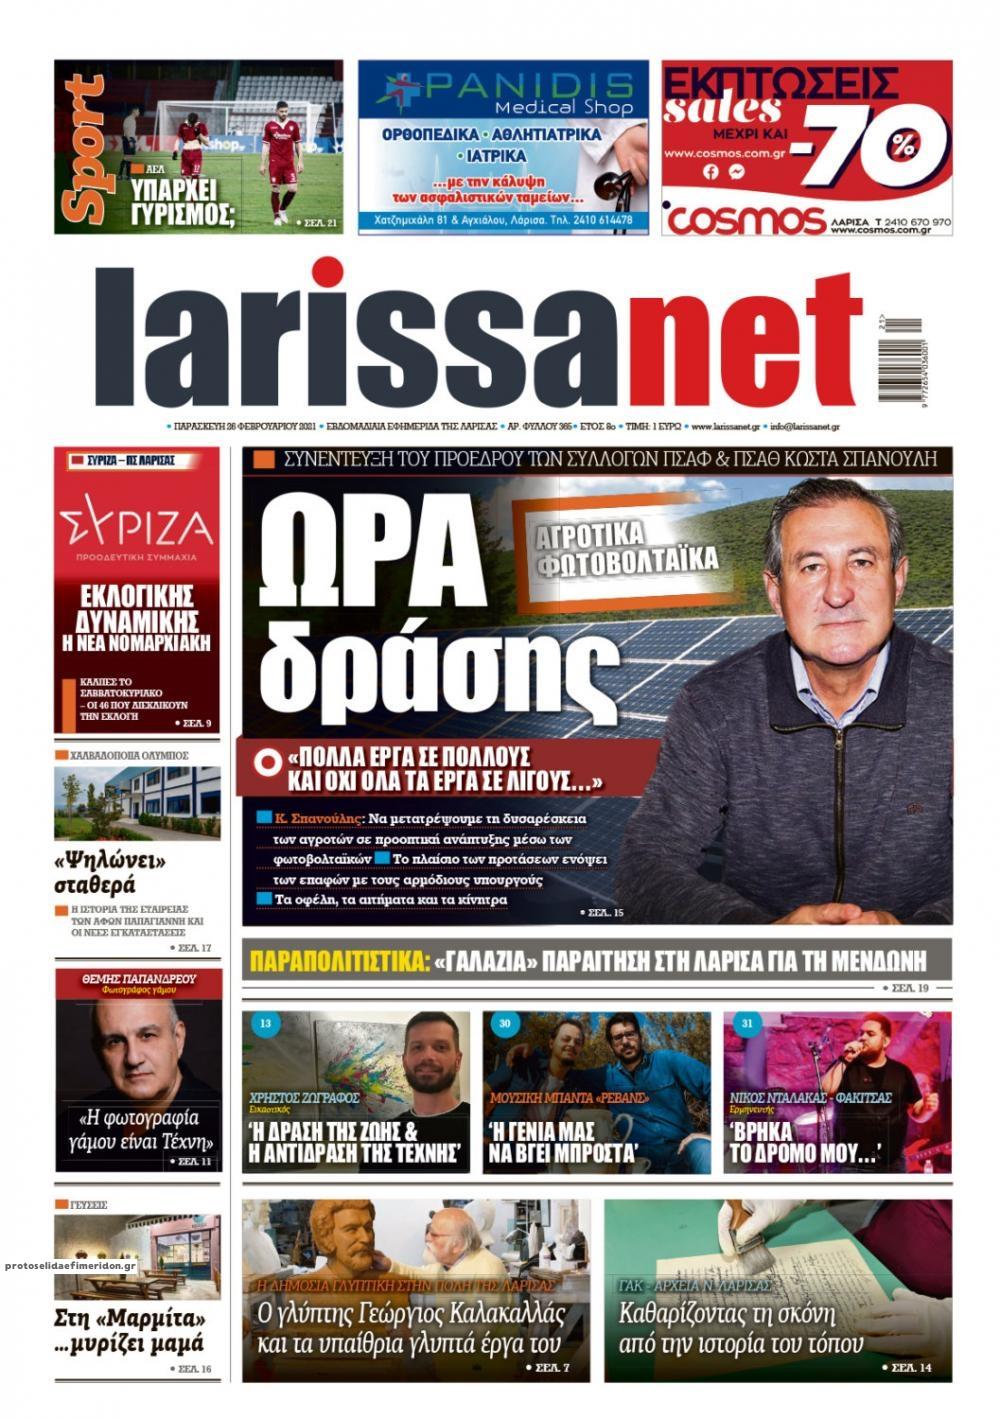 Πρωτοσέλιδο εφημερίδας Larissanet